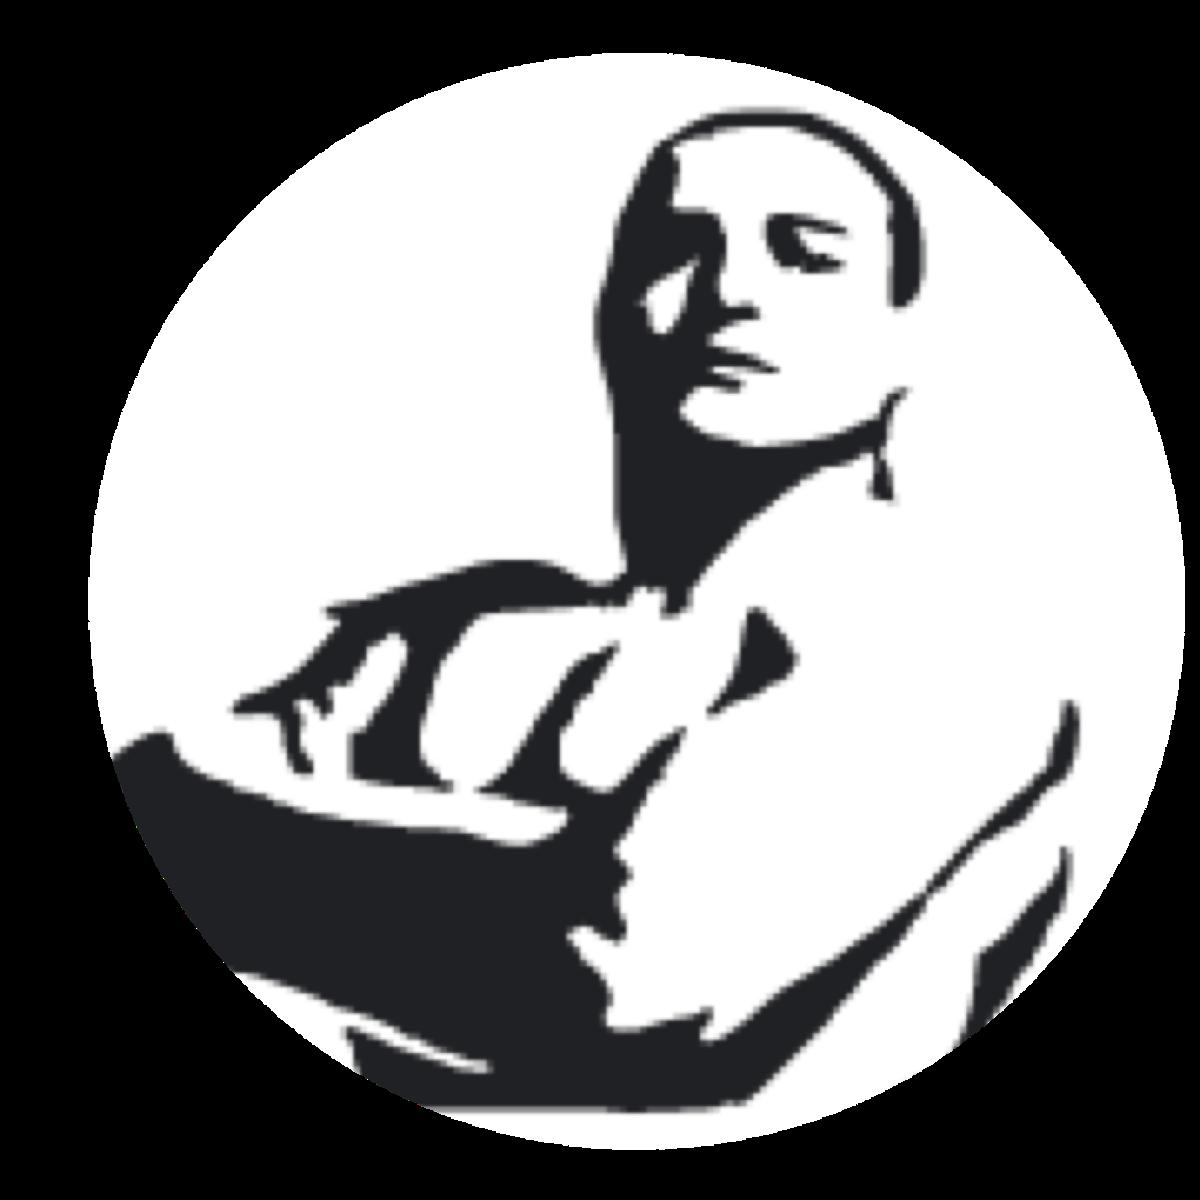 ゴロー川崎icon